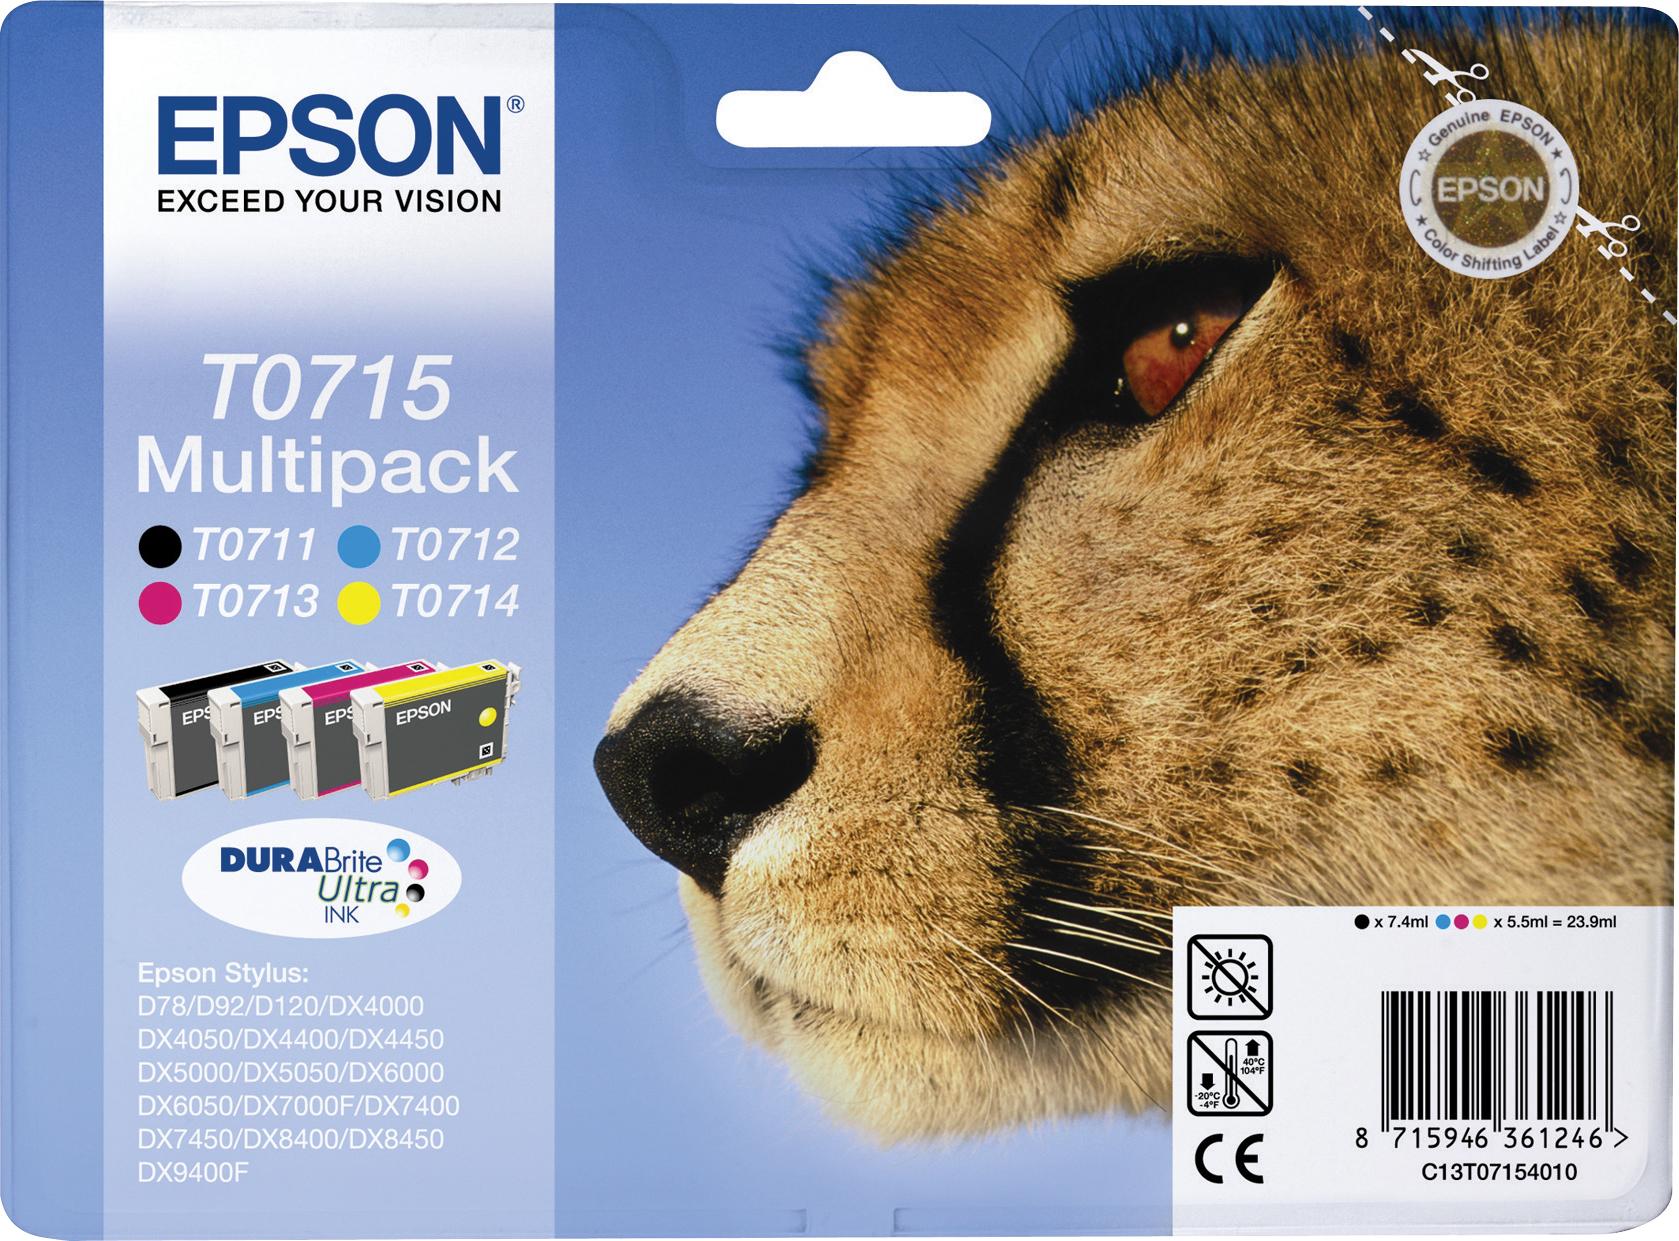 Epson Multipack T0715 Druckerpatronen T0711 T0712 T0713 T0714 (bulk) IT Niederrhein [-12%]